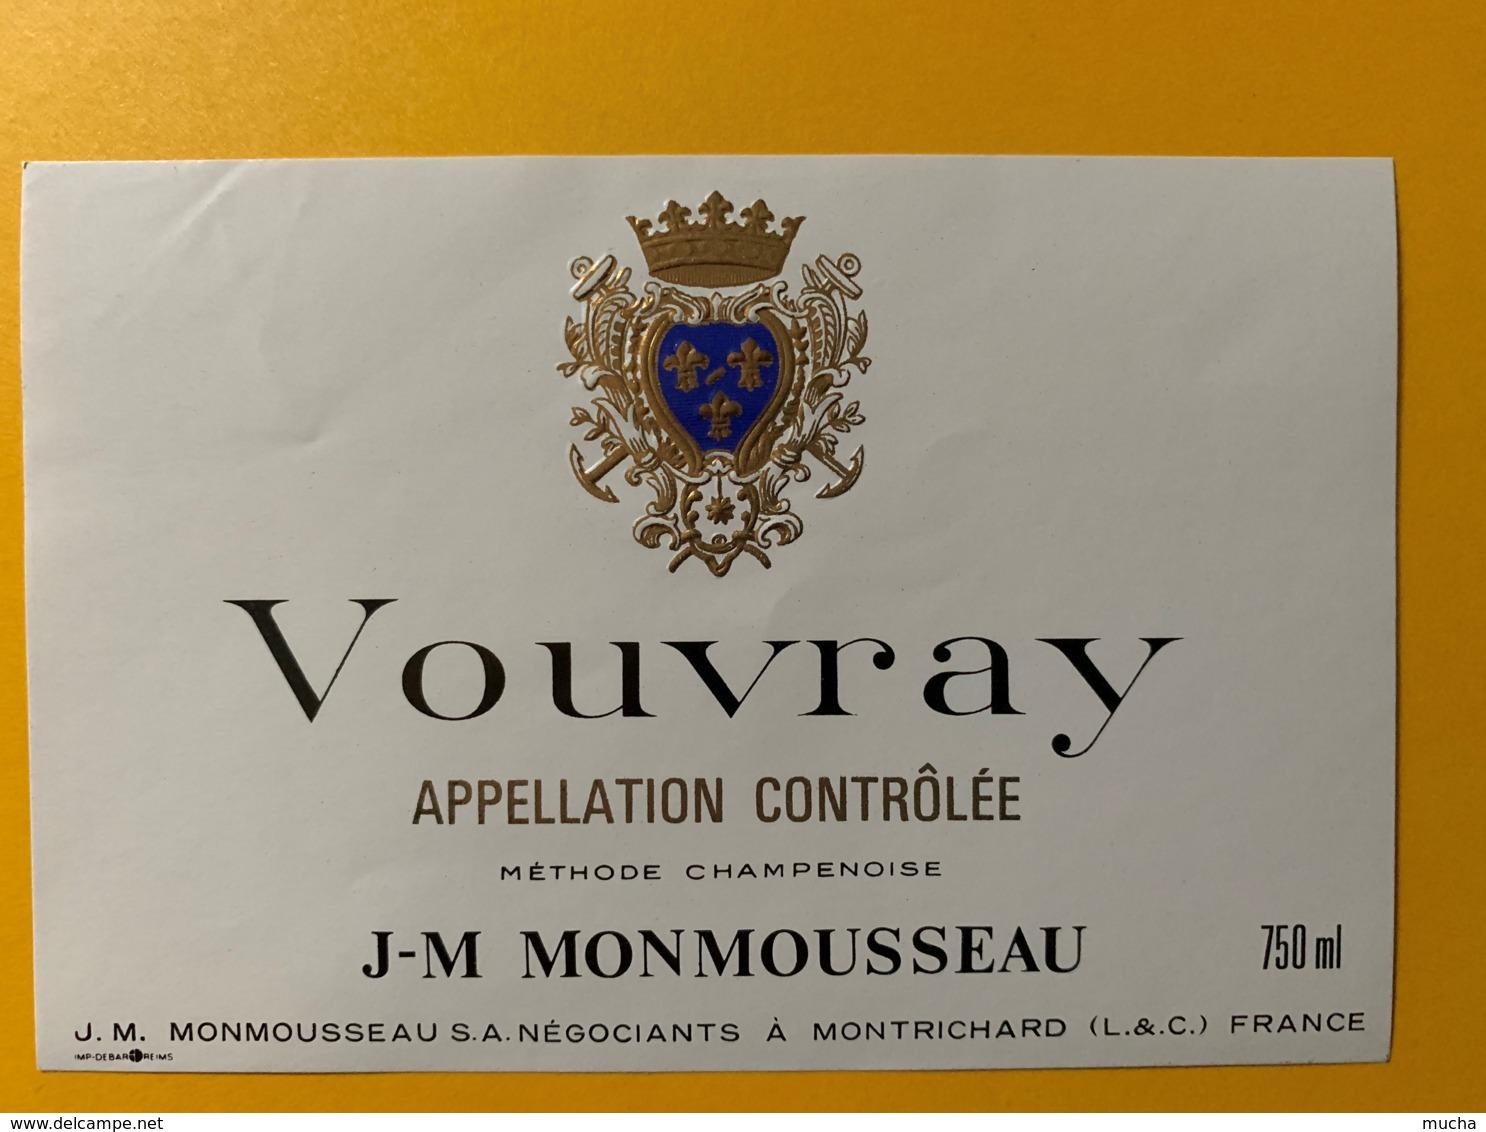 9273 - Vouvry Méthode Champenoise Monmousseau - Etiquettes